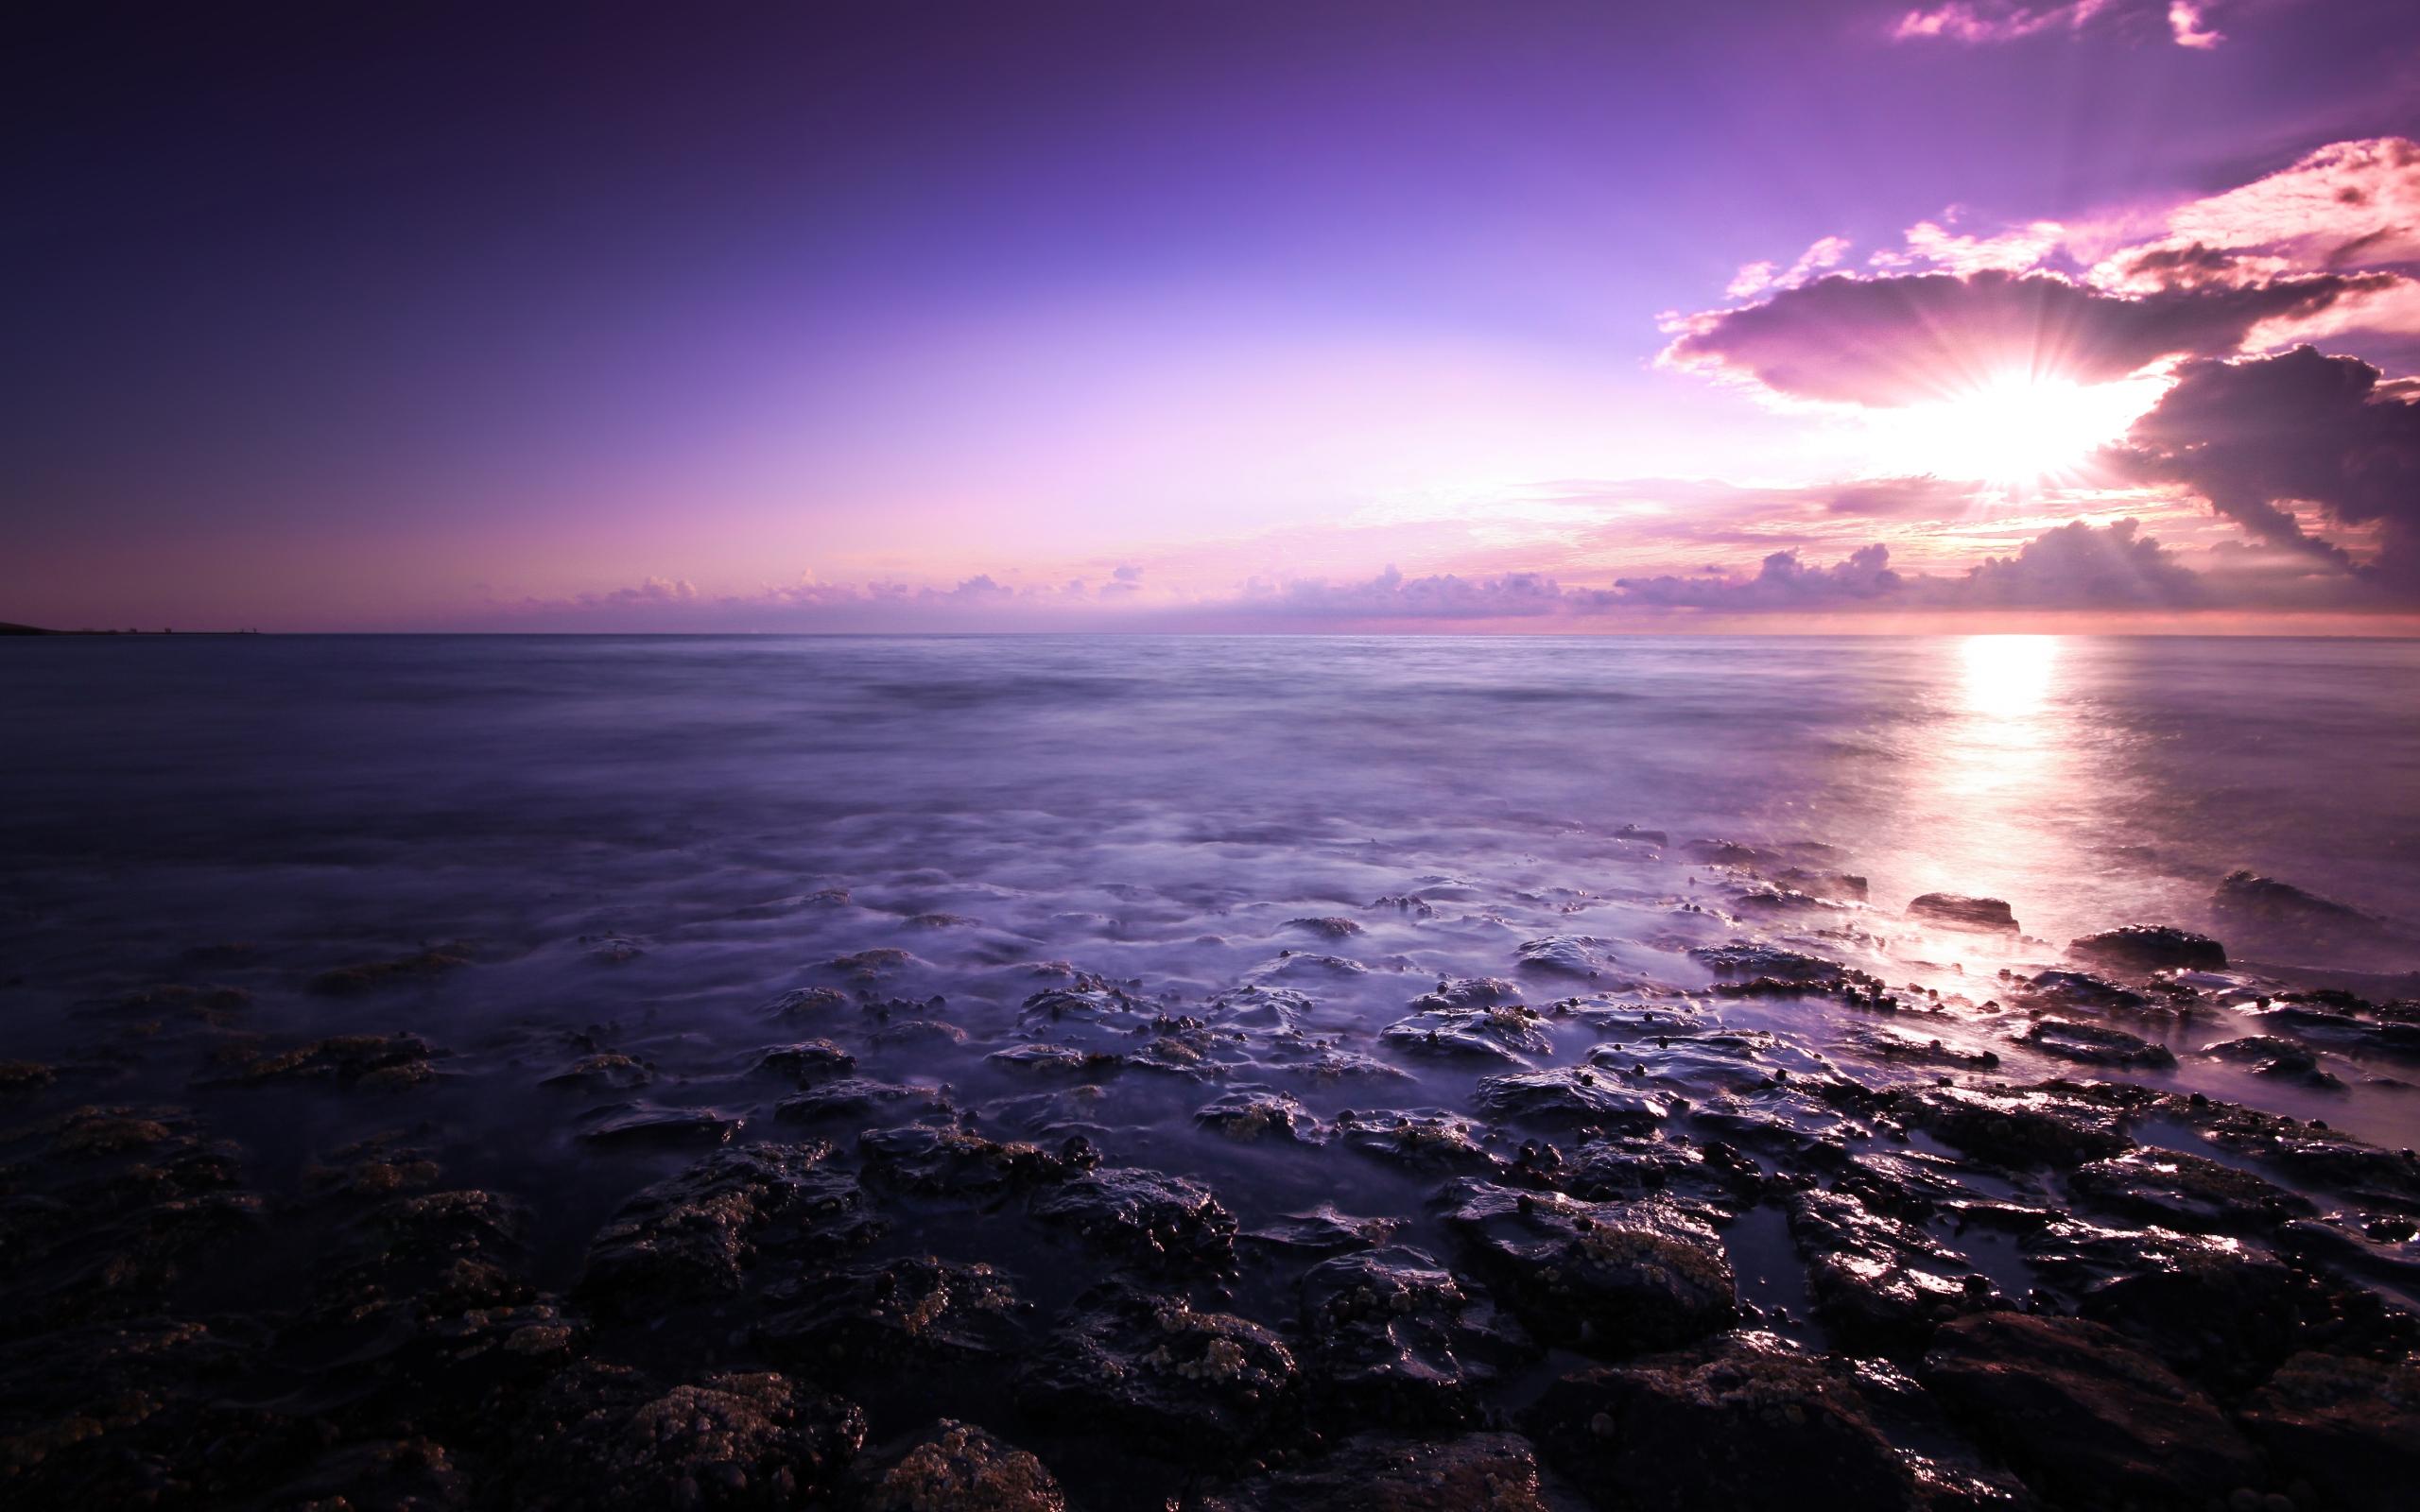 HD Wallpapers Purple Seascape